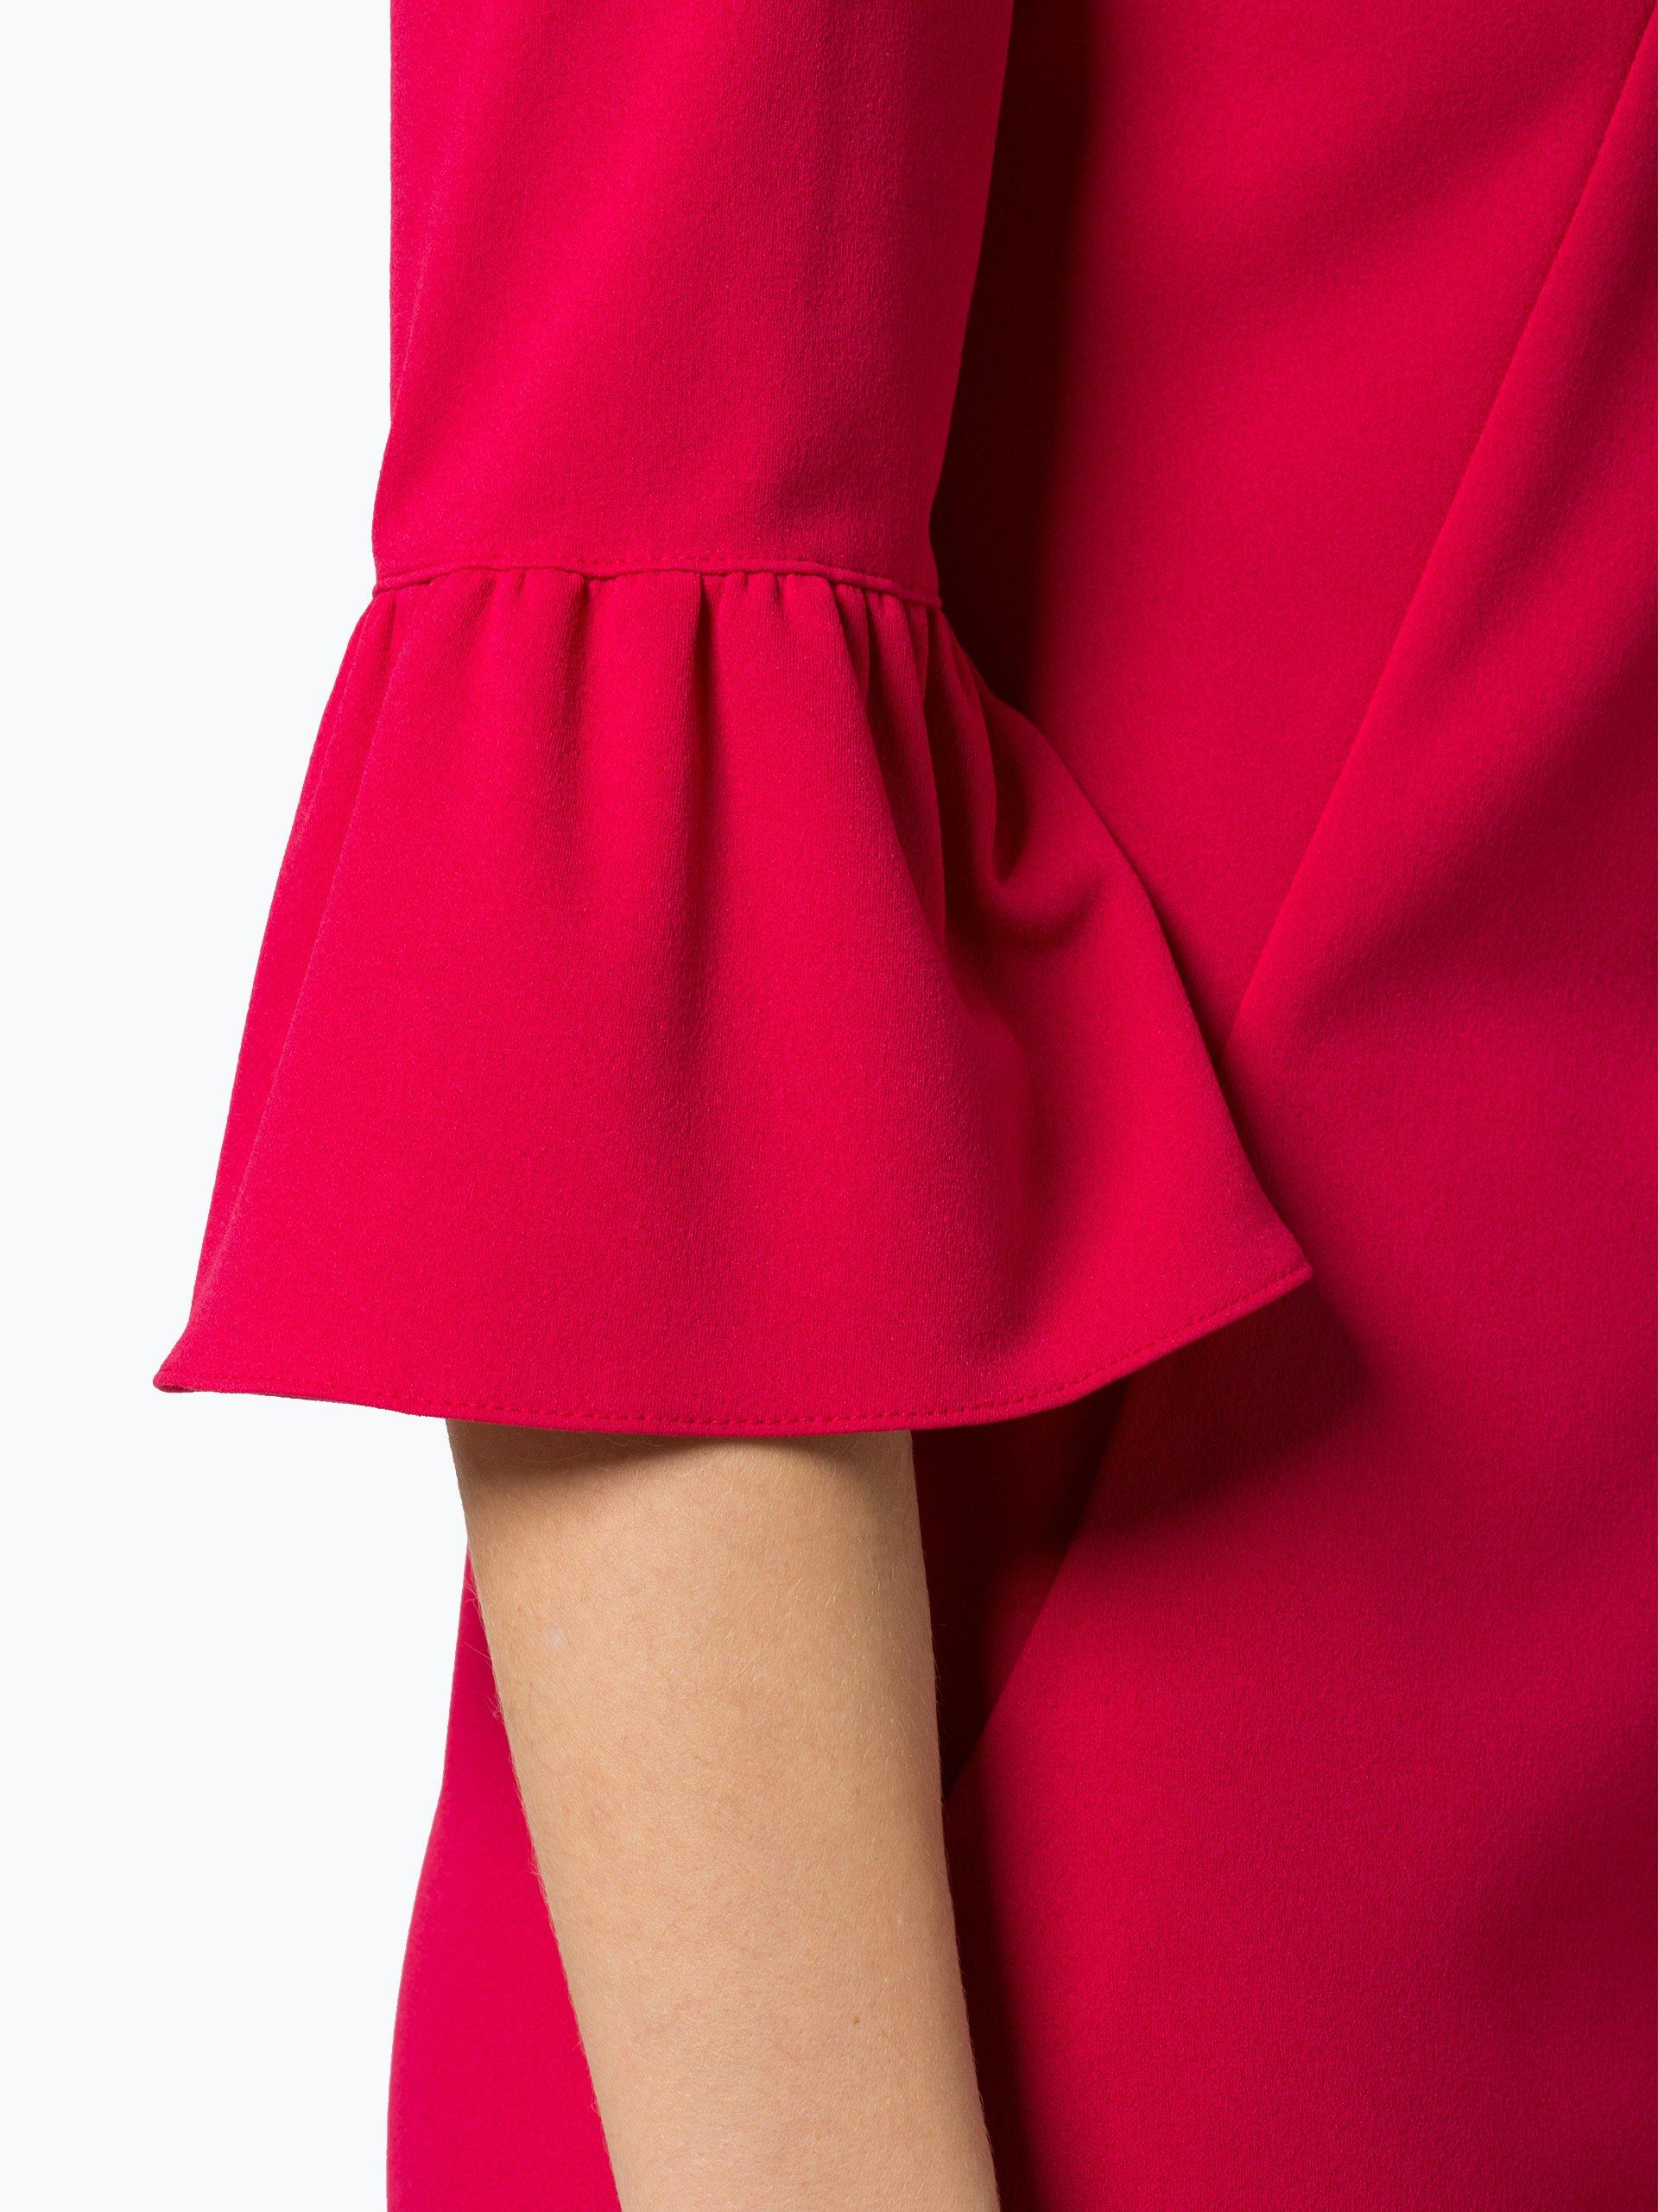 s oliver black label damen kleid pink uni online kaufen. Black Bedroom Furniture Sets. Home Design Ideas